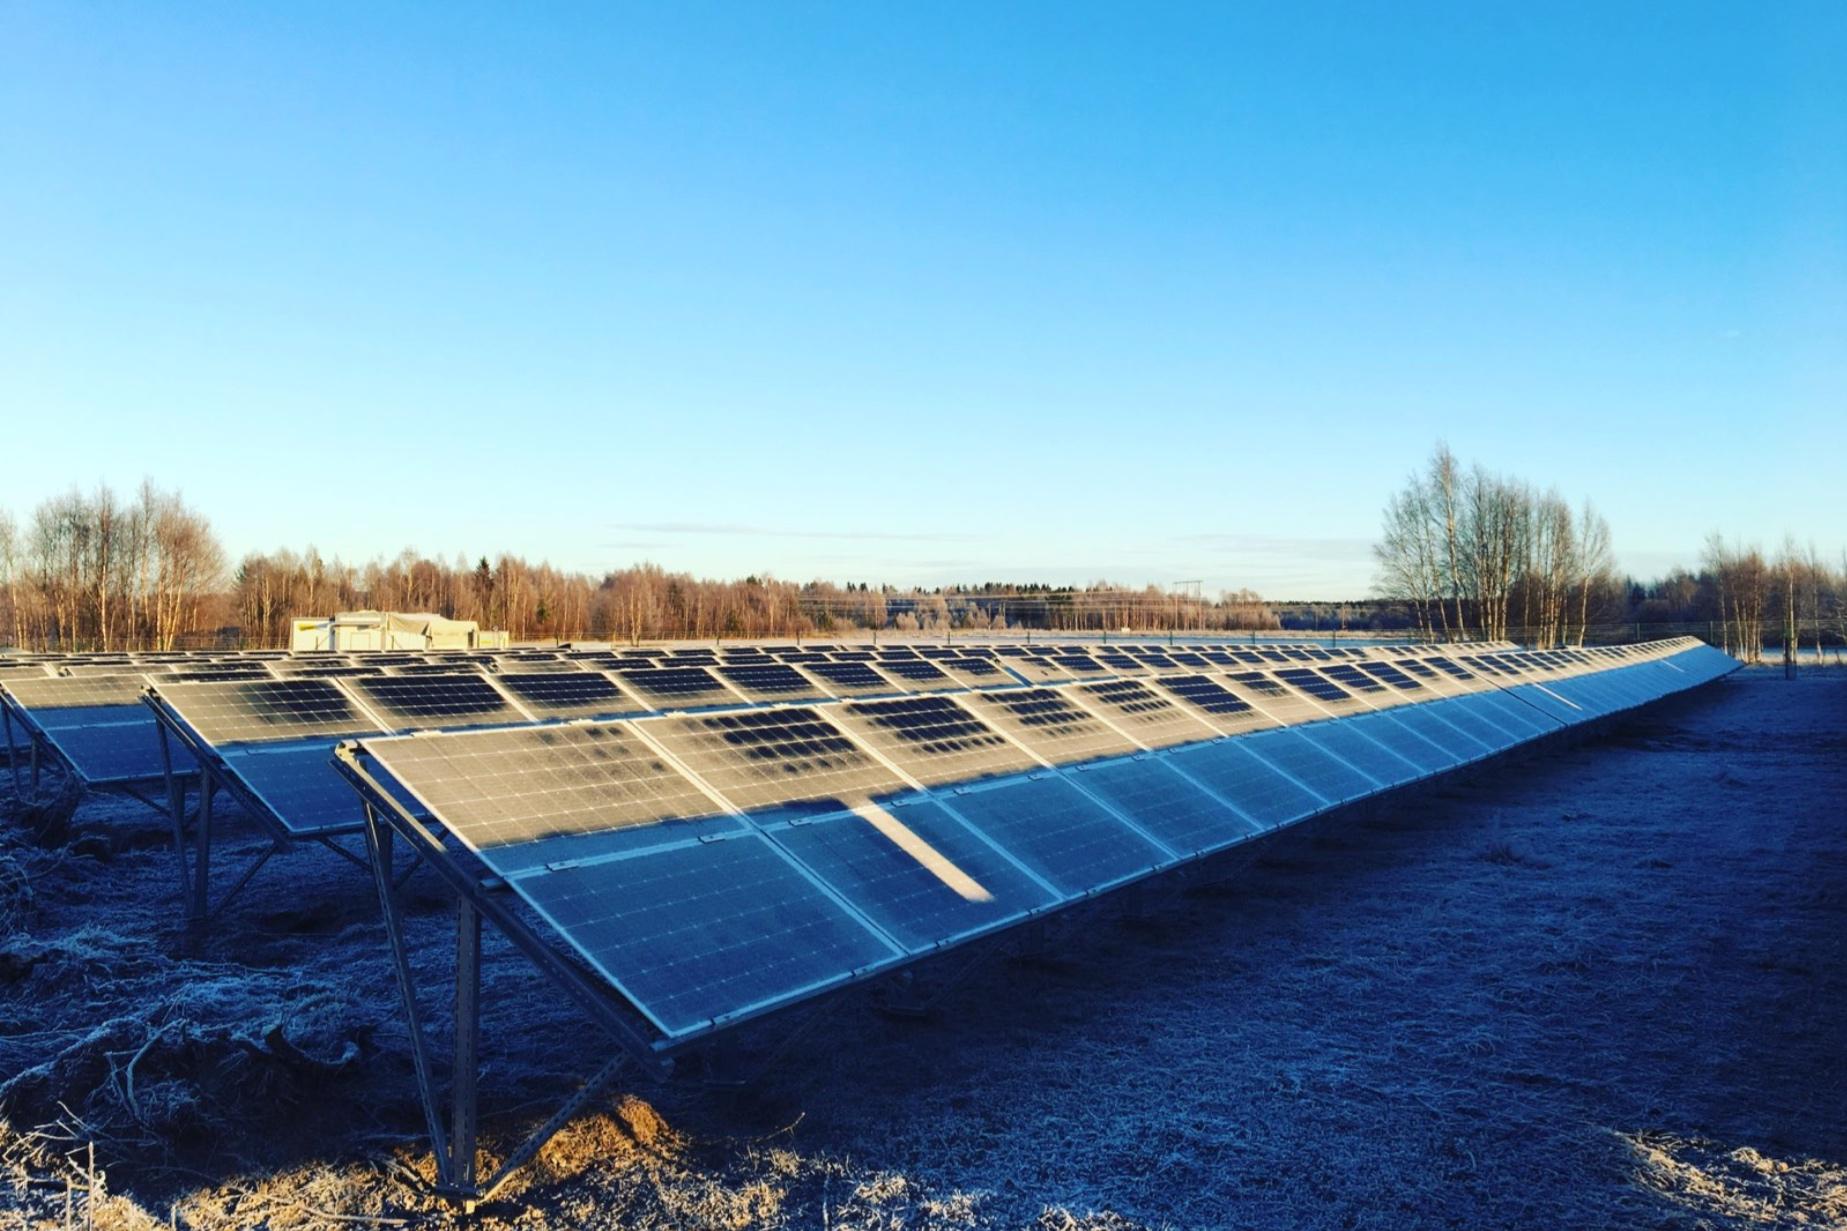 Sunderbyn, Luleå Energi  Luleå Energi valde att utnyttja sitt nordliga läge med midnatssol och snöreflektion och har installerat 700 kW bifacialmoduler. Det är Nordens största anläggning med dubbelsidiga moduler och kanske den nordligaste solparken? Paradisenergi har gjort förstudie och upphandlat parken. Sunderbyns solcellspark står klar under vintern 2018-2019. Läs mer  här.